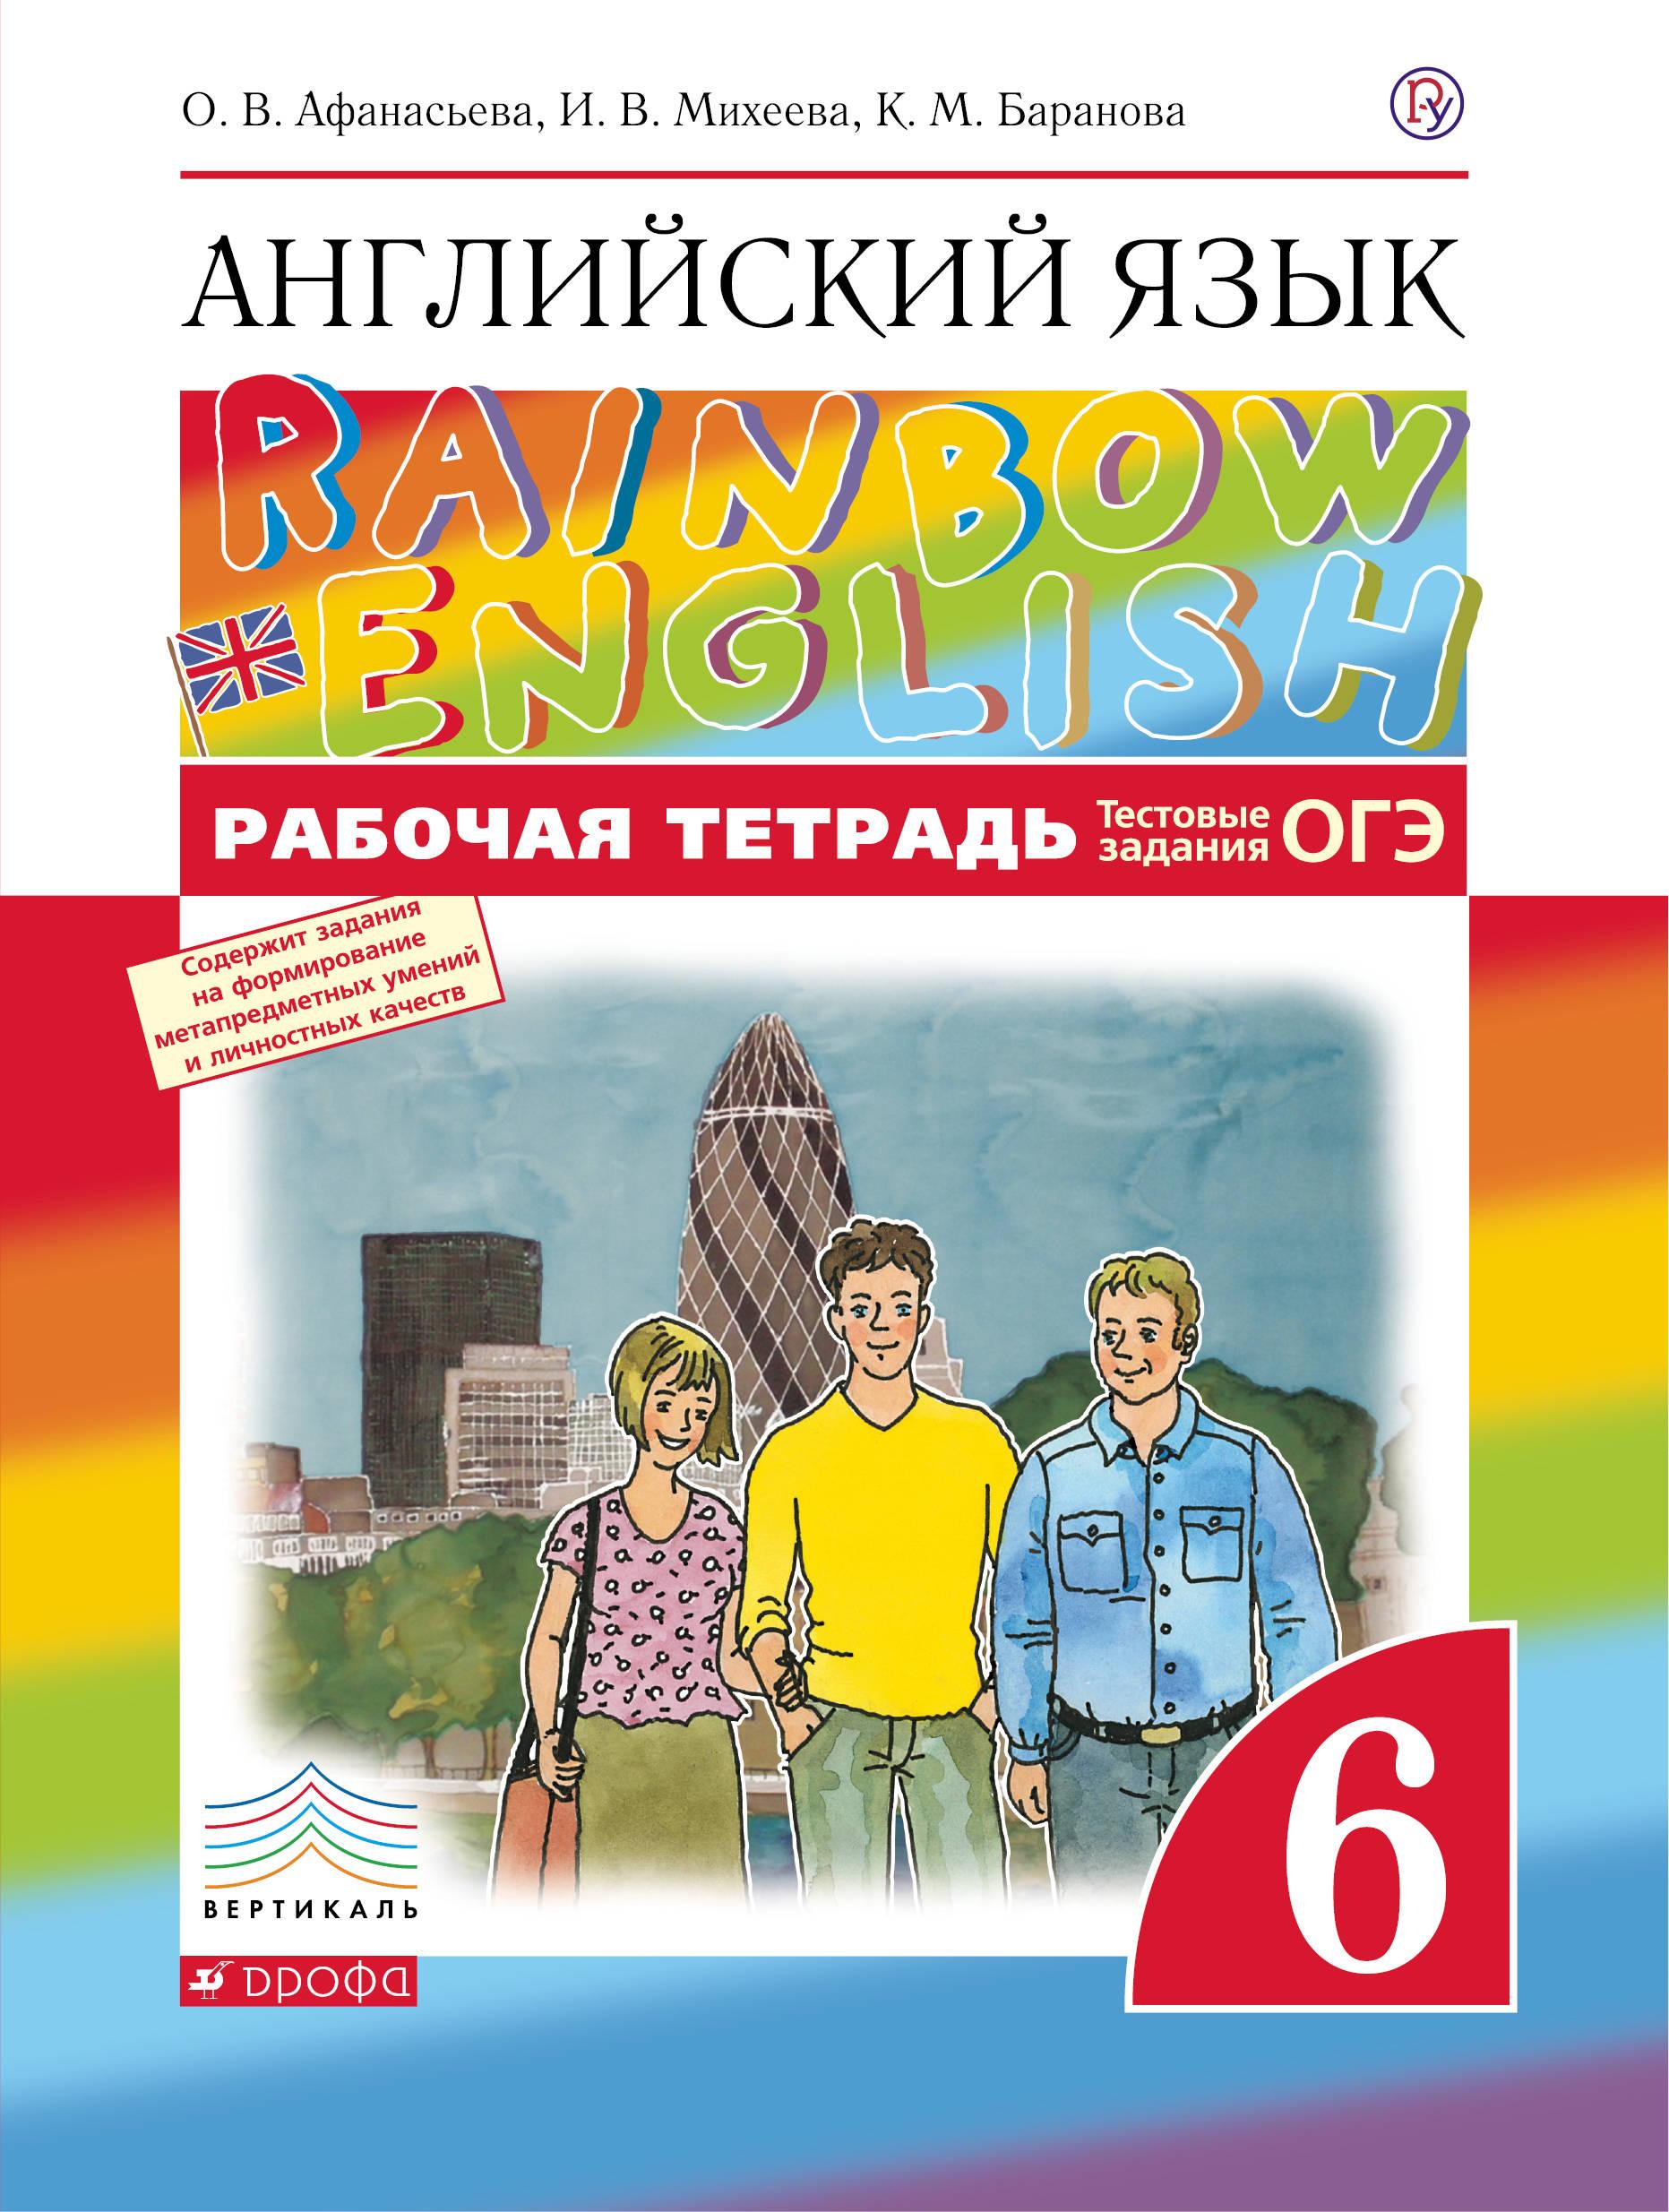 Short_content_copy гдз и решебник по английскому языку 6 класс - урокуизучение иностранных языков хорошо